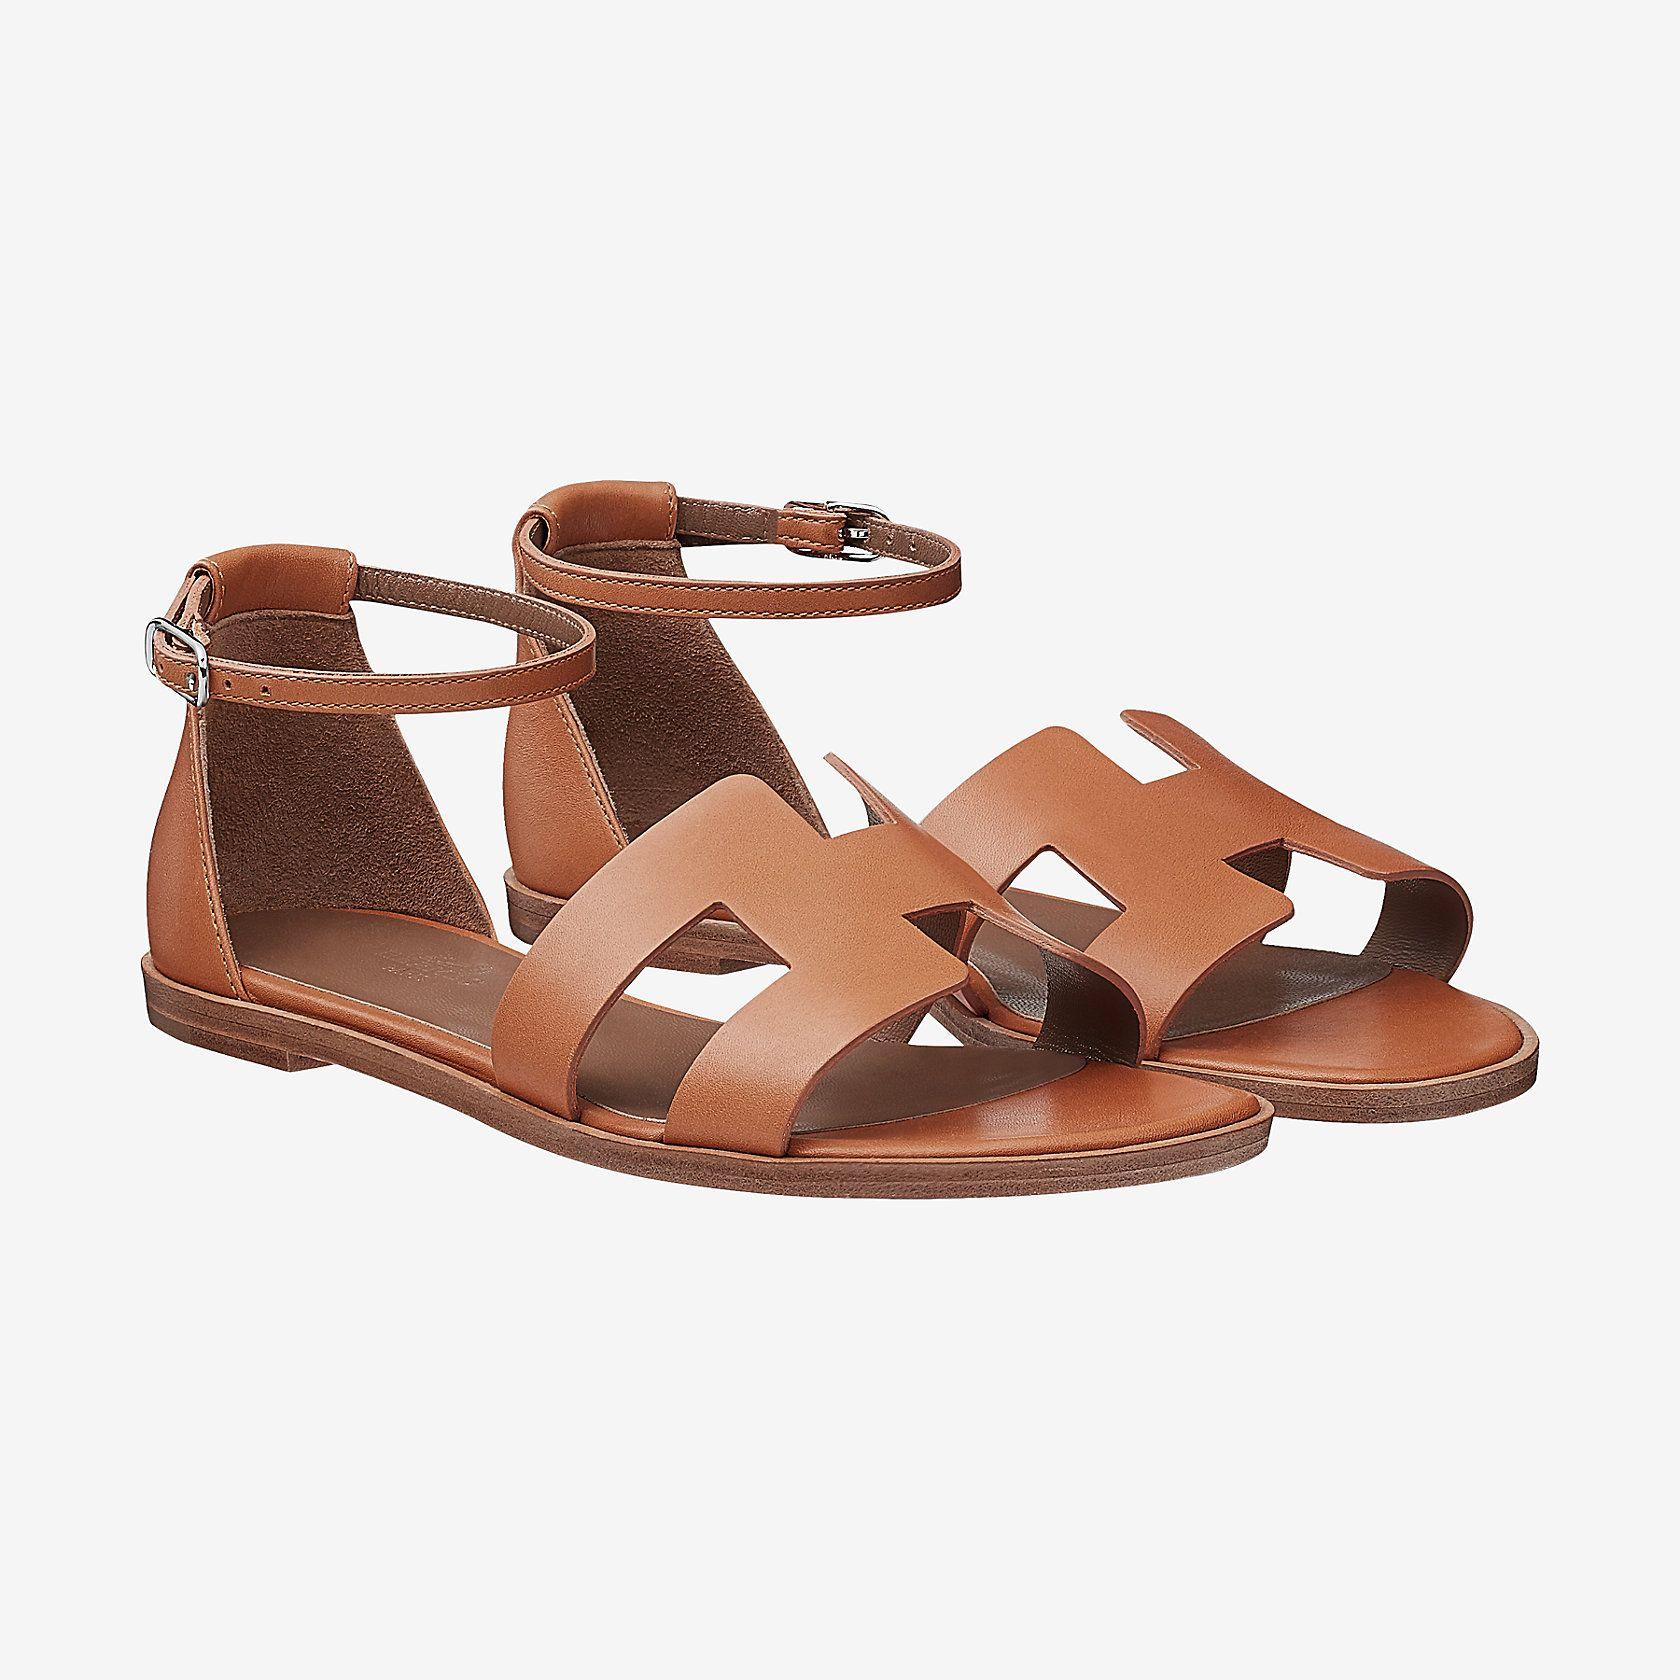 Santorini sandal | Spring Summer in 2019 | Hermes shoes